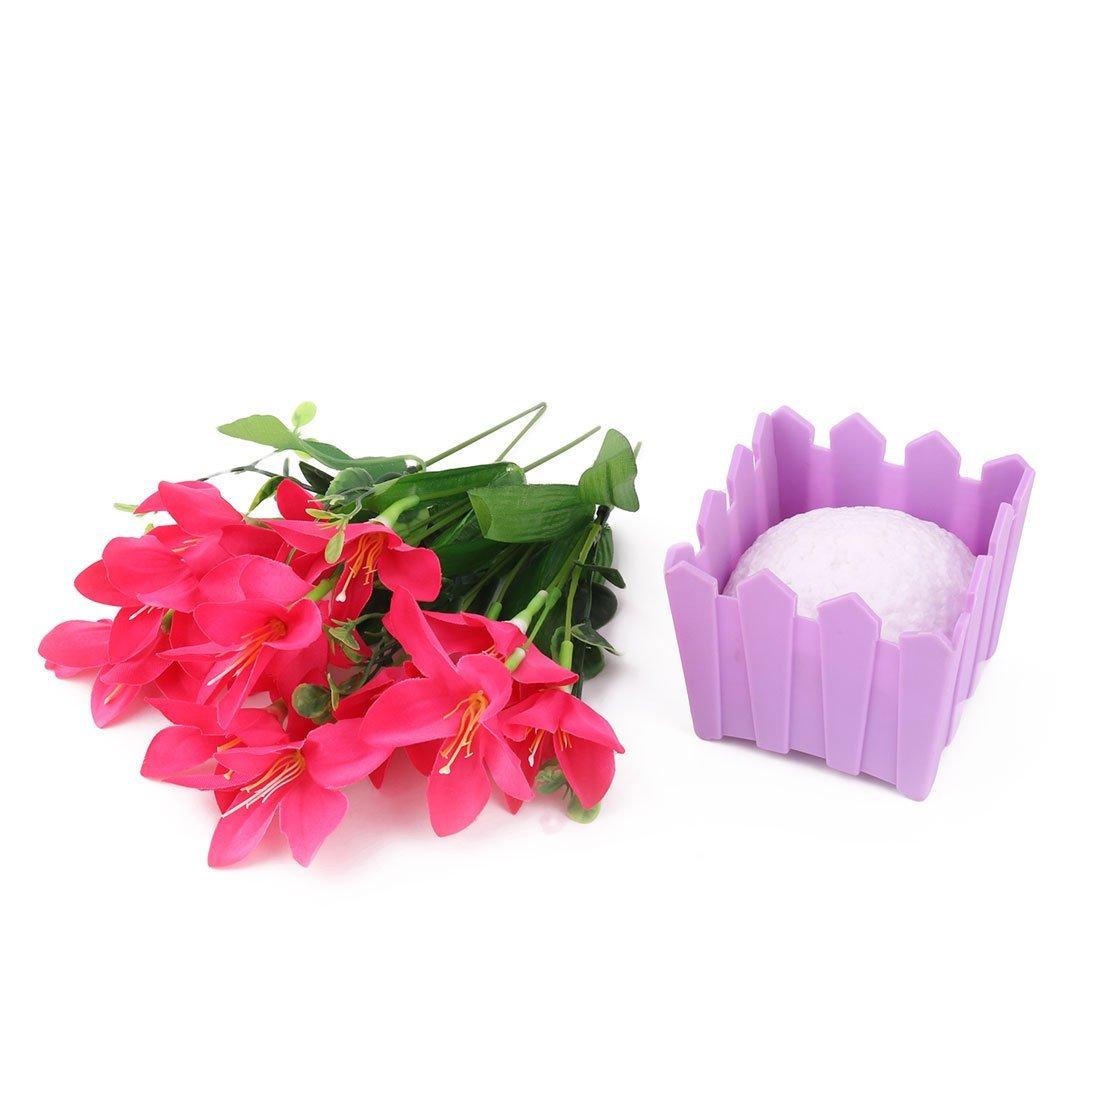 Amazon.com: eDealMax Fiesta de la boda de mesa Tela de la Flor Artificial Artesanía Jardín decorativo: Home & Kitchen